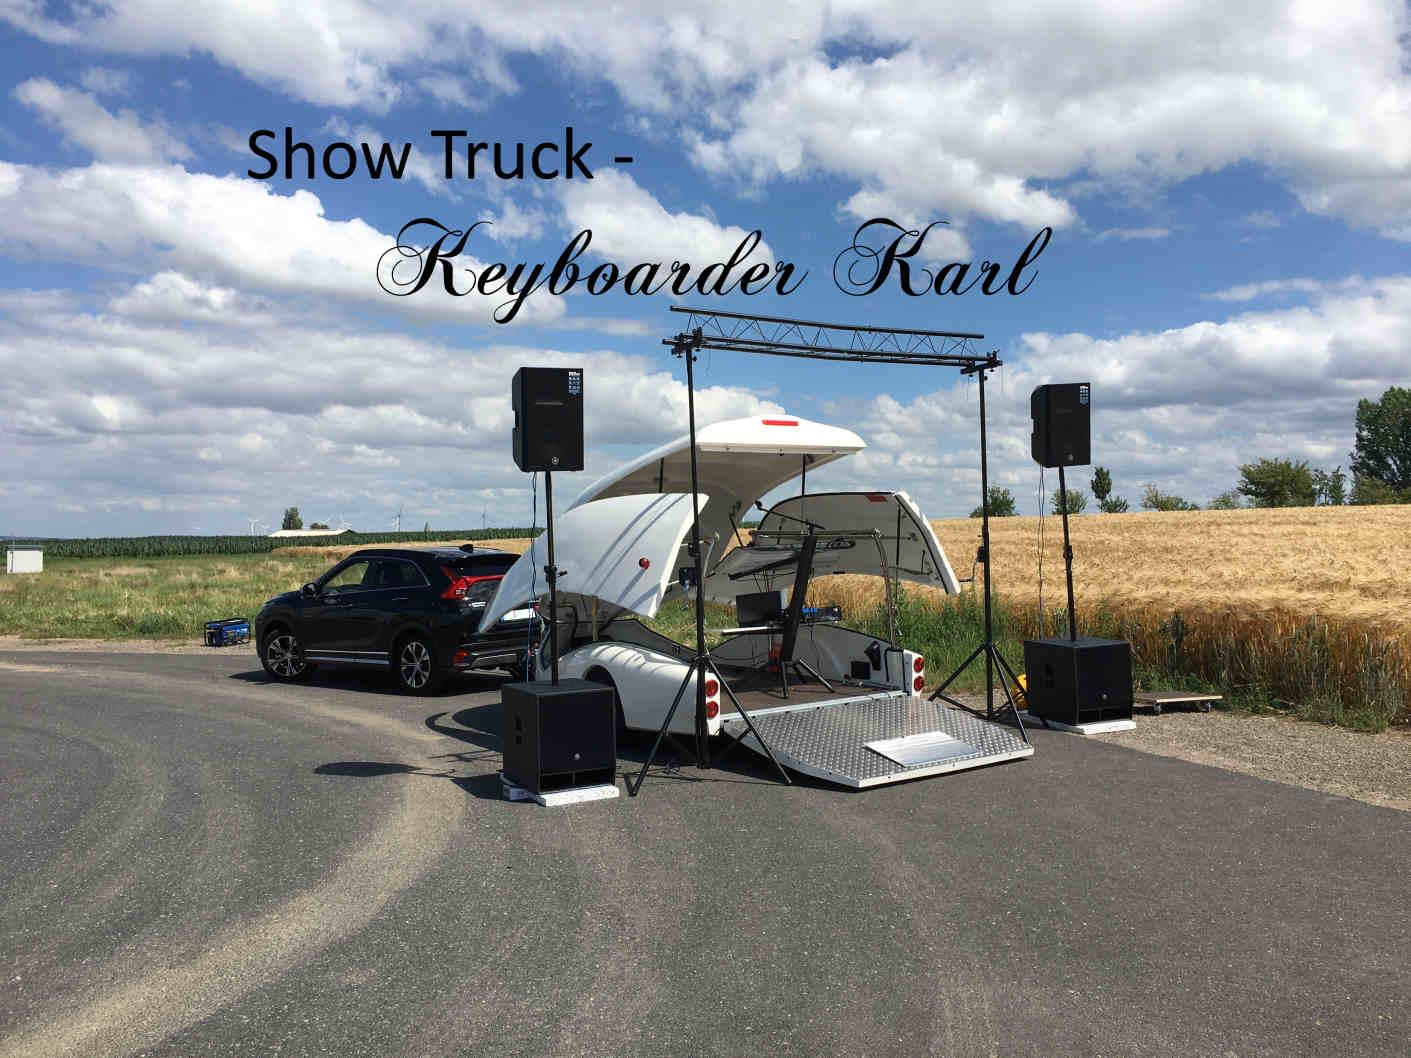 Show Truck Keyboarder Karl - Das Auto wird natürlich bei Events abgehangen und wo anders geparkt